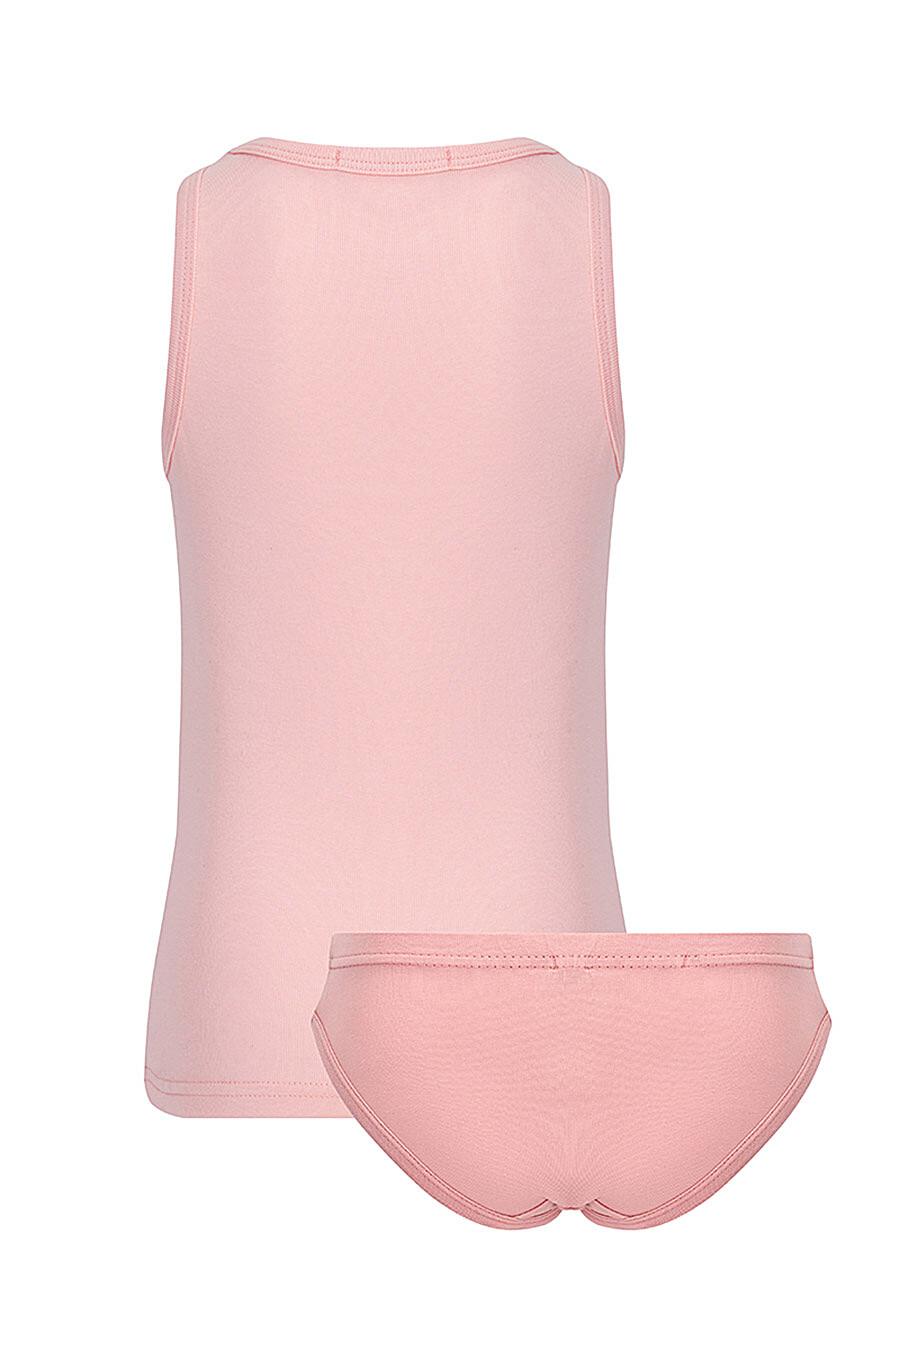 Комплект (Майка+Трусы) для девочек ROXY FOXY 707311 купить оптом от производителя. Совместная покупка детской одежды в OptMoyo